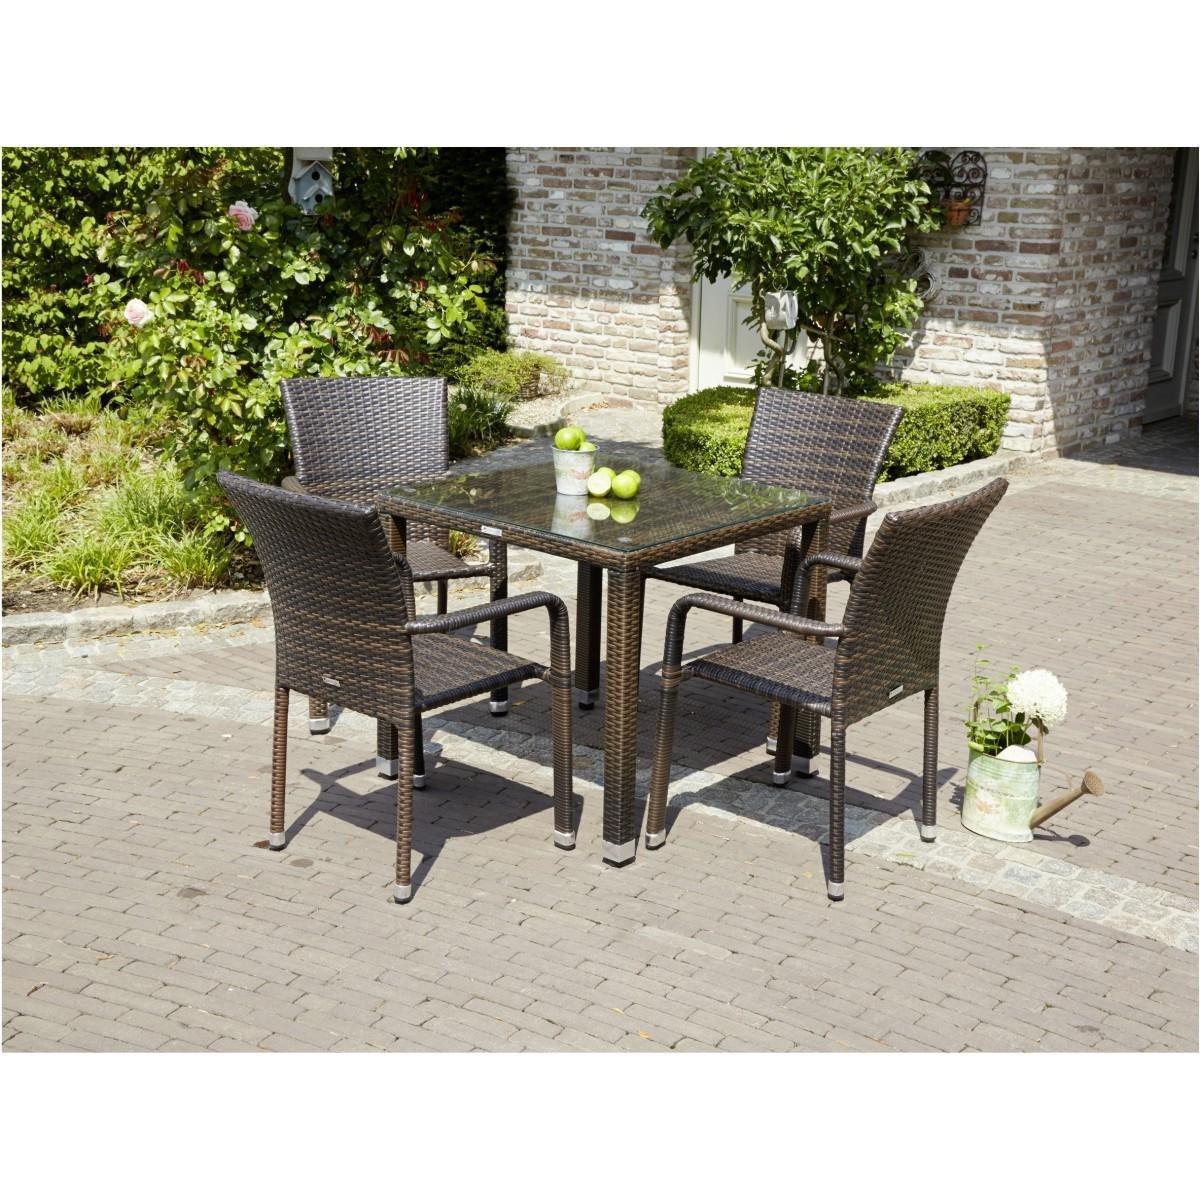 Polyrattan Sitzgruppe braun bicolor Manila 5tlg. Stapelstühle Tisch Gartenmöbel